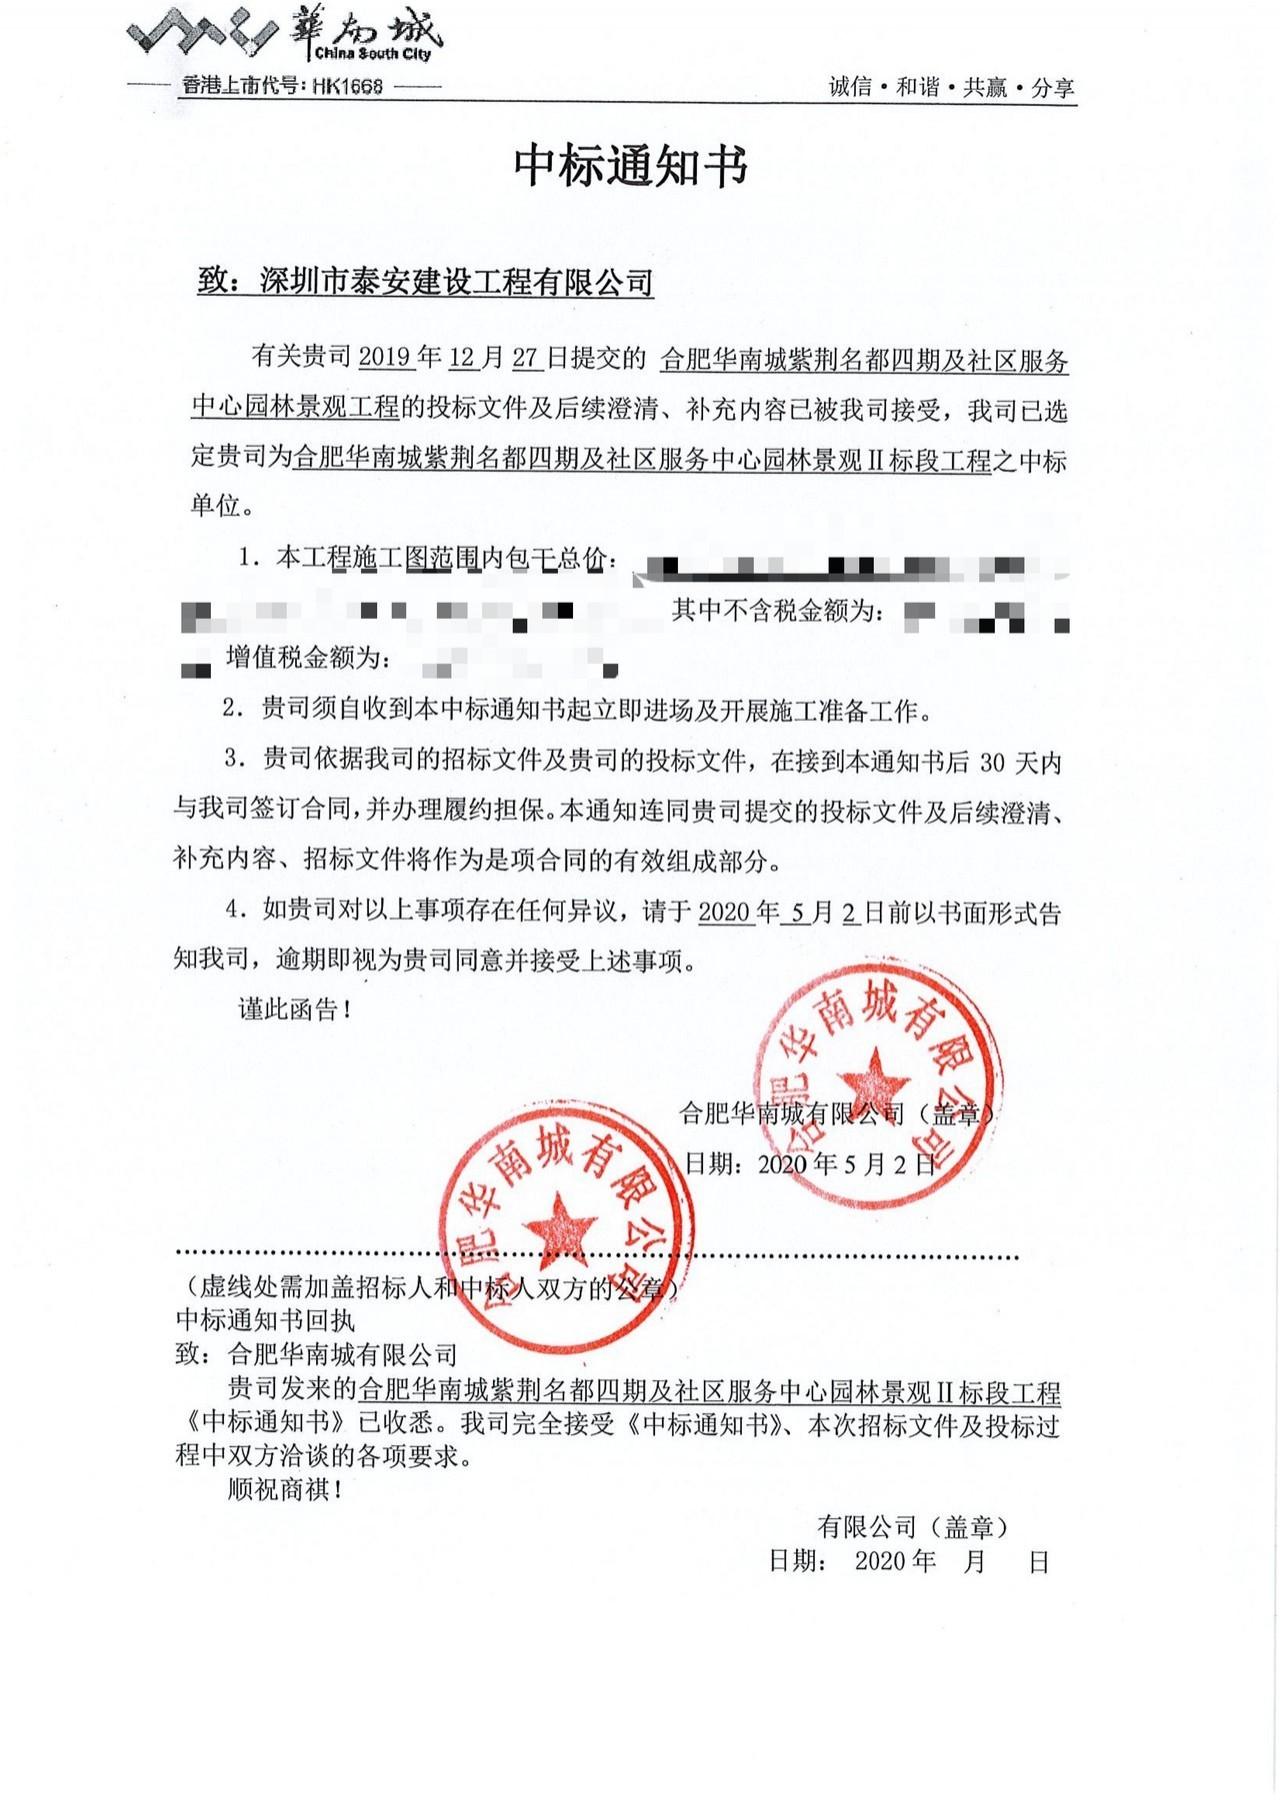 泰安 合肥华南城紫荆名都 中标通知书_00_马赛克处理.jpg